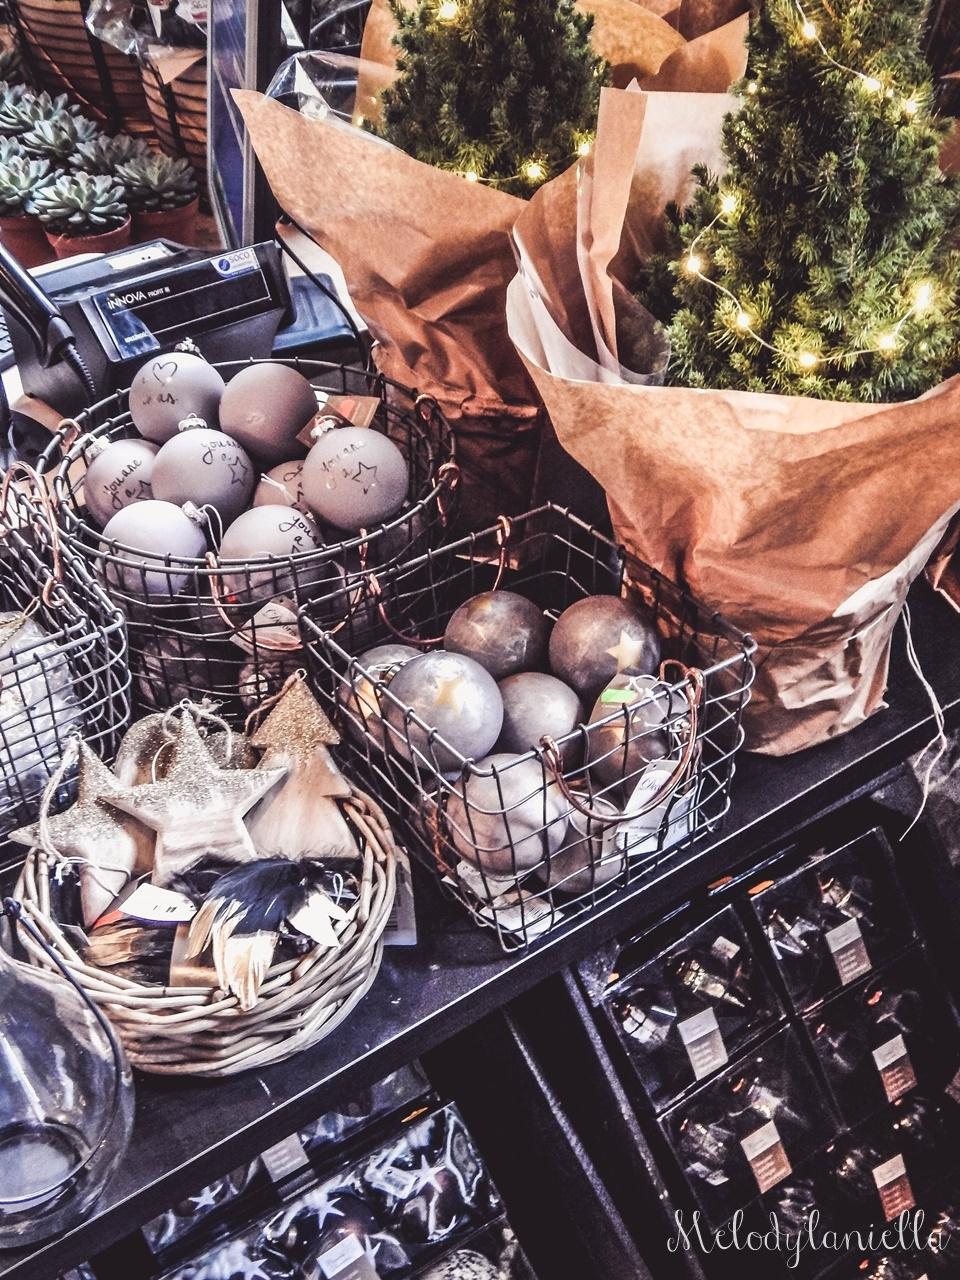 29 nietypowy jarmark świąteczny piotrkowska 217 co dzieje się w łodzi dwukropek ogrody zofii bożonarodzeniowy jarmark targ świąteczny świat z lukru pierniki świąteczne łódź biżuteria handmade piando zigner